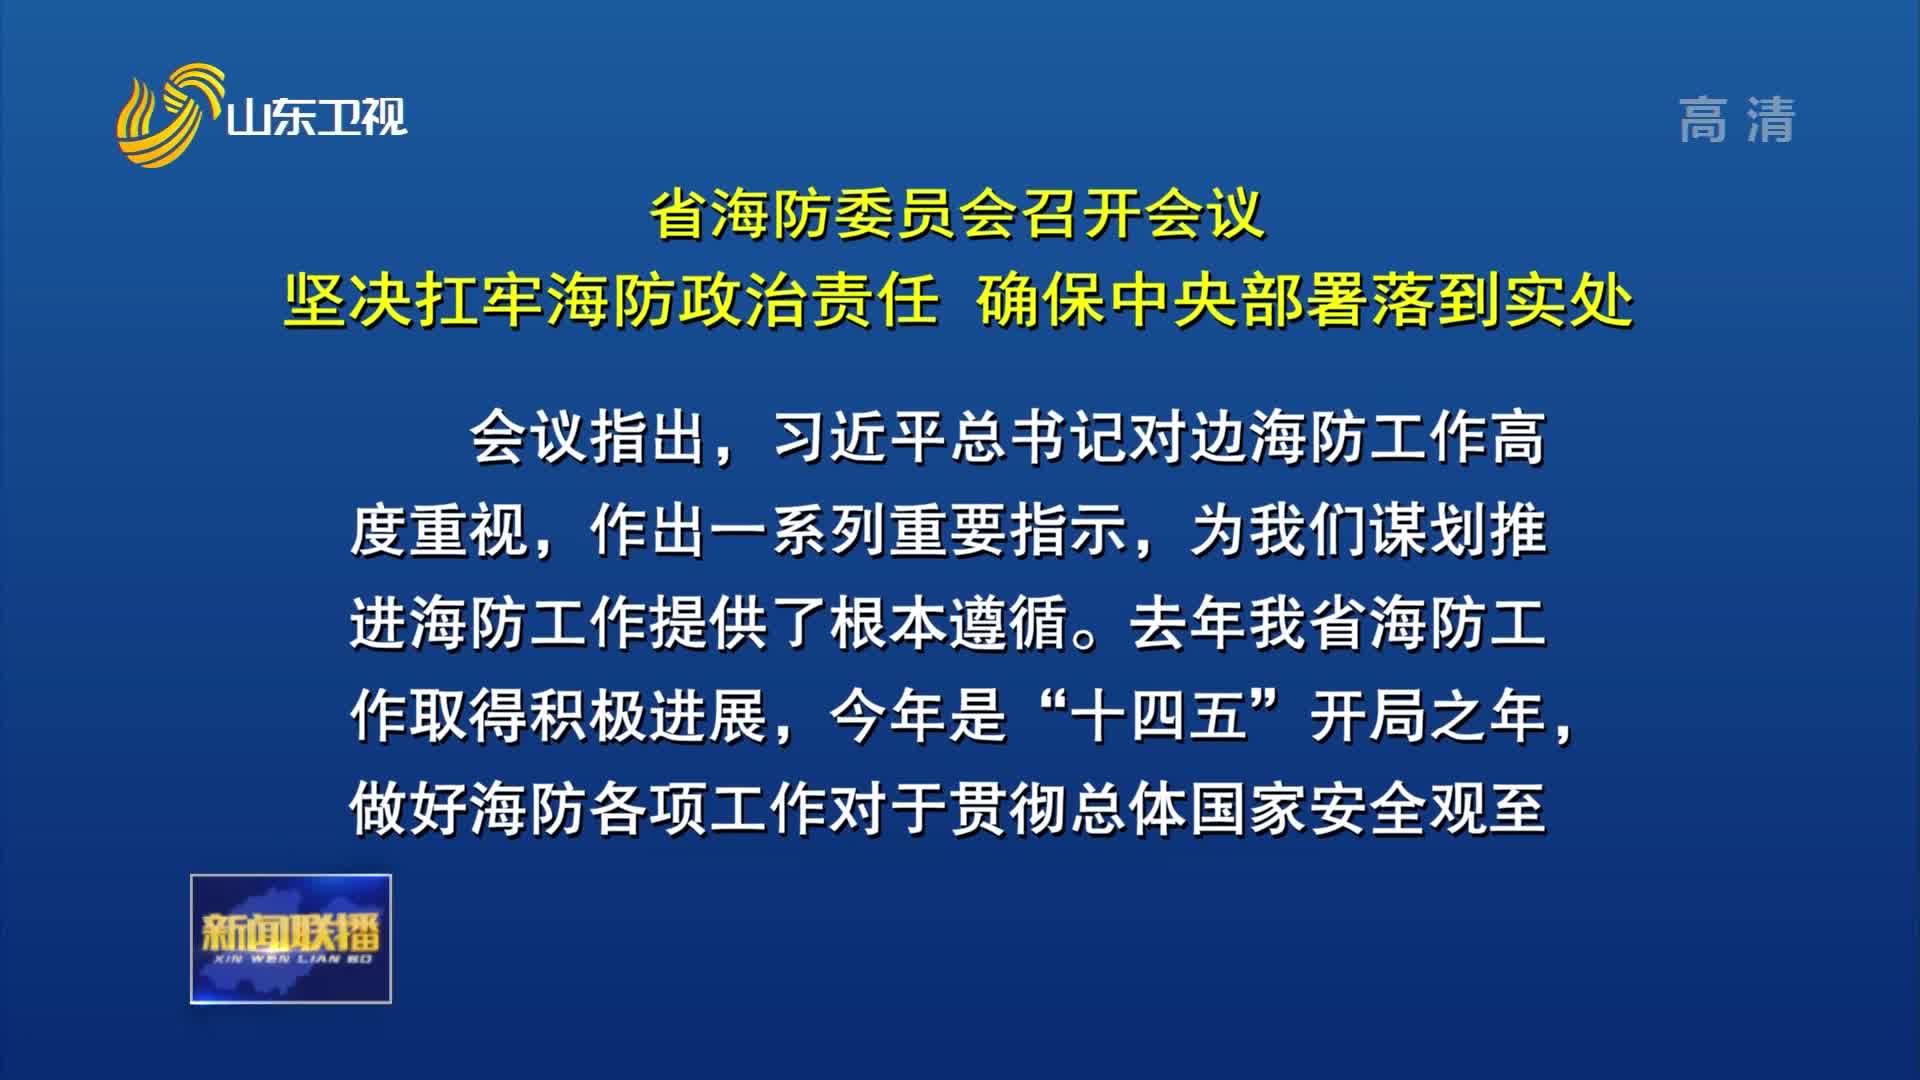 省海防委员会召开会议 坚决扛牢海防政治责任 确保中央部署落到实处